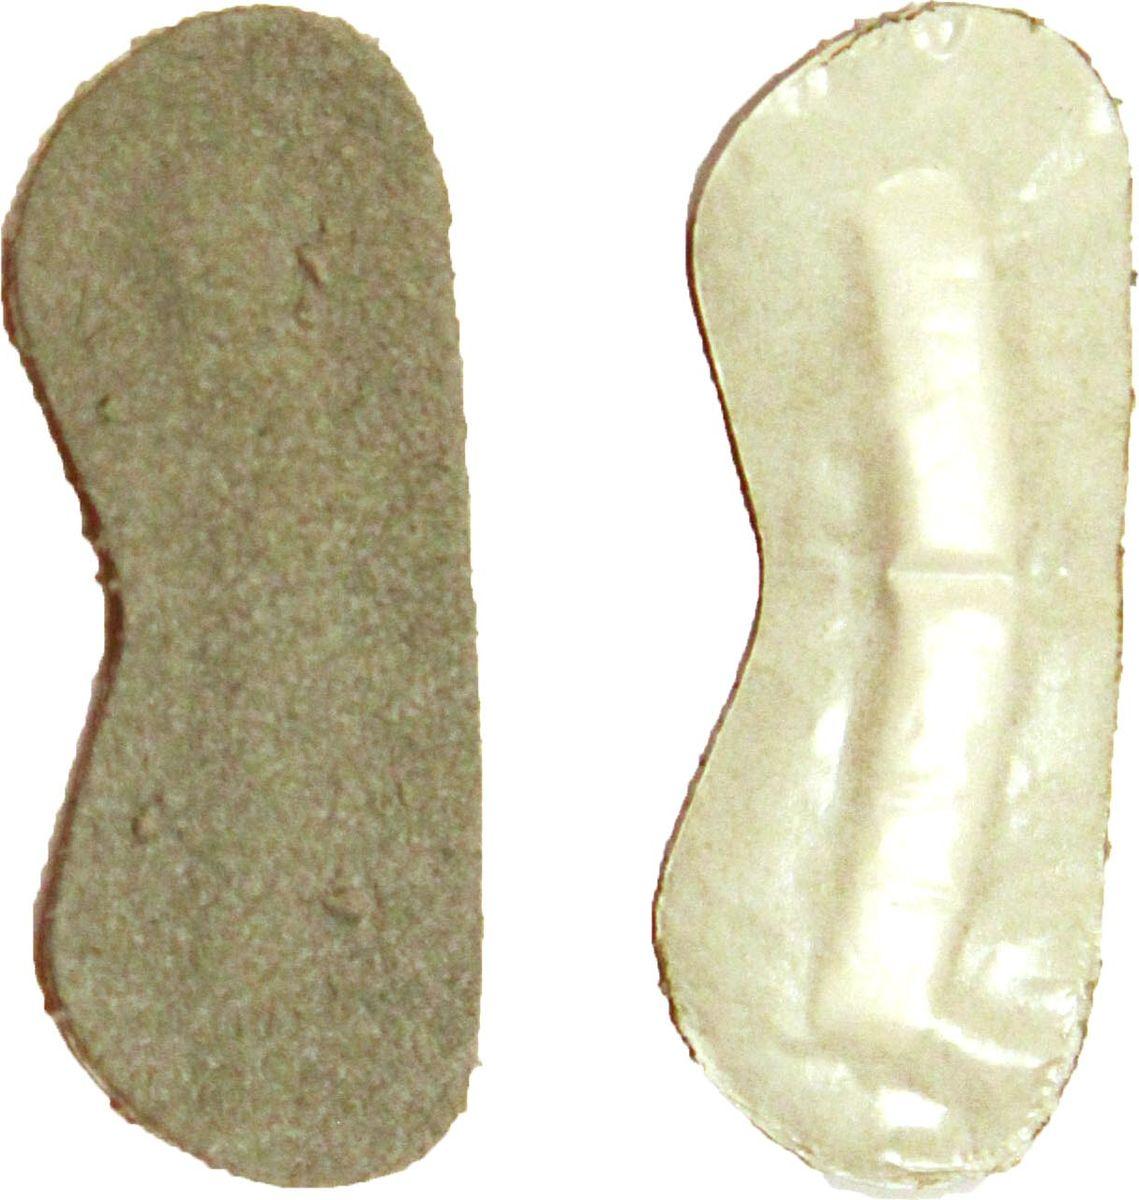 Пяткоудержатель Практика Здоровья, цвет: серый. ПК2. Размер универсальныйПК2Пяткоудержатель предназначен для защиты от натирания и фиксации пятки в обуви. Изготовлен из натуральной кожи, имеет клеевой слой для фиксации.